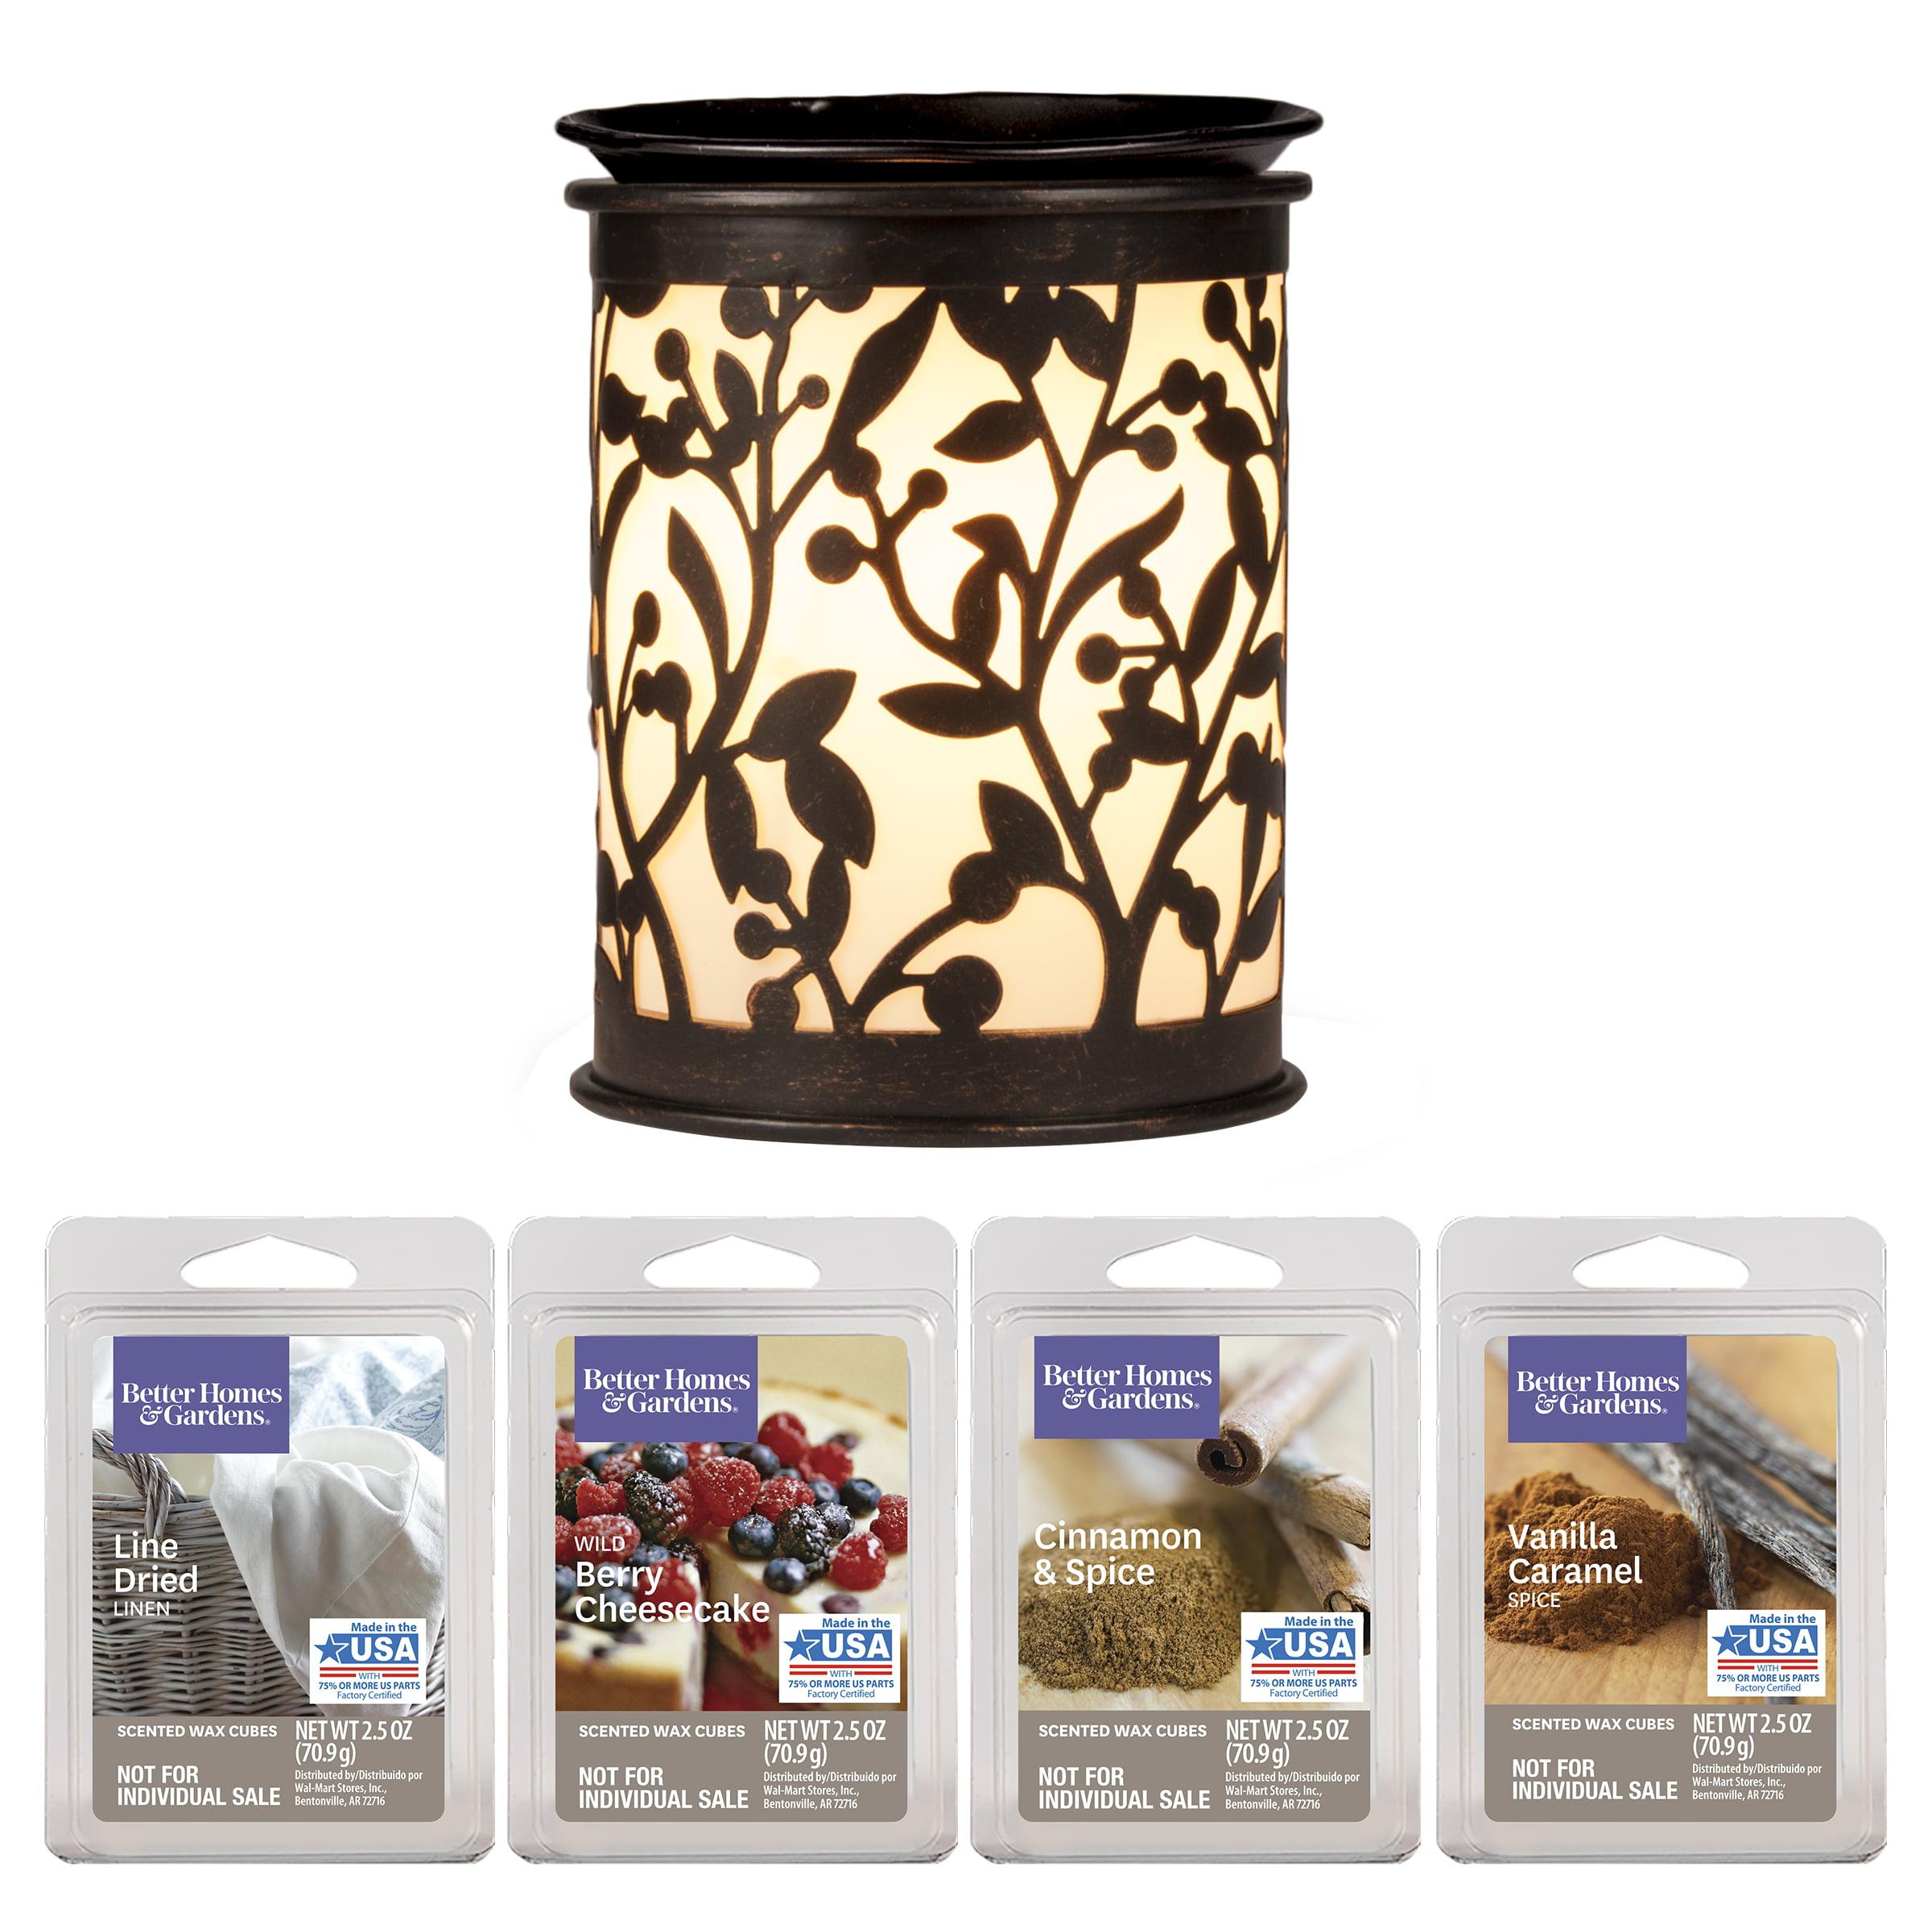 Better Homes & Gardens Botanical Glow Full-Size Wax Warmer Starter Set